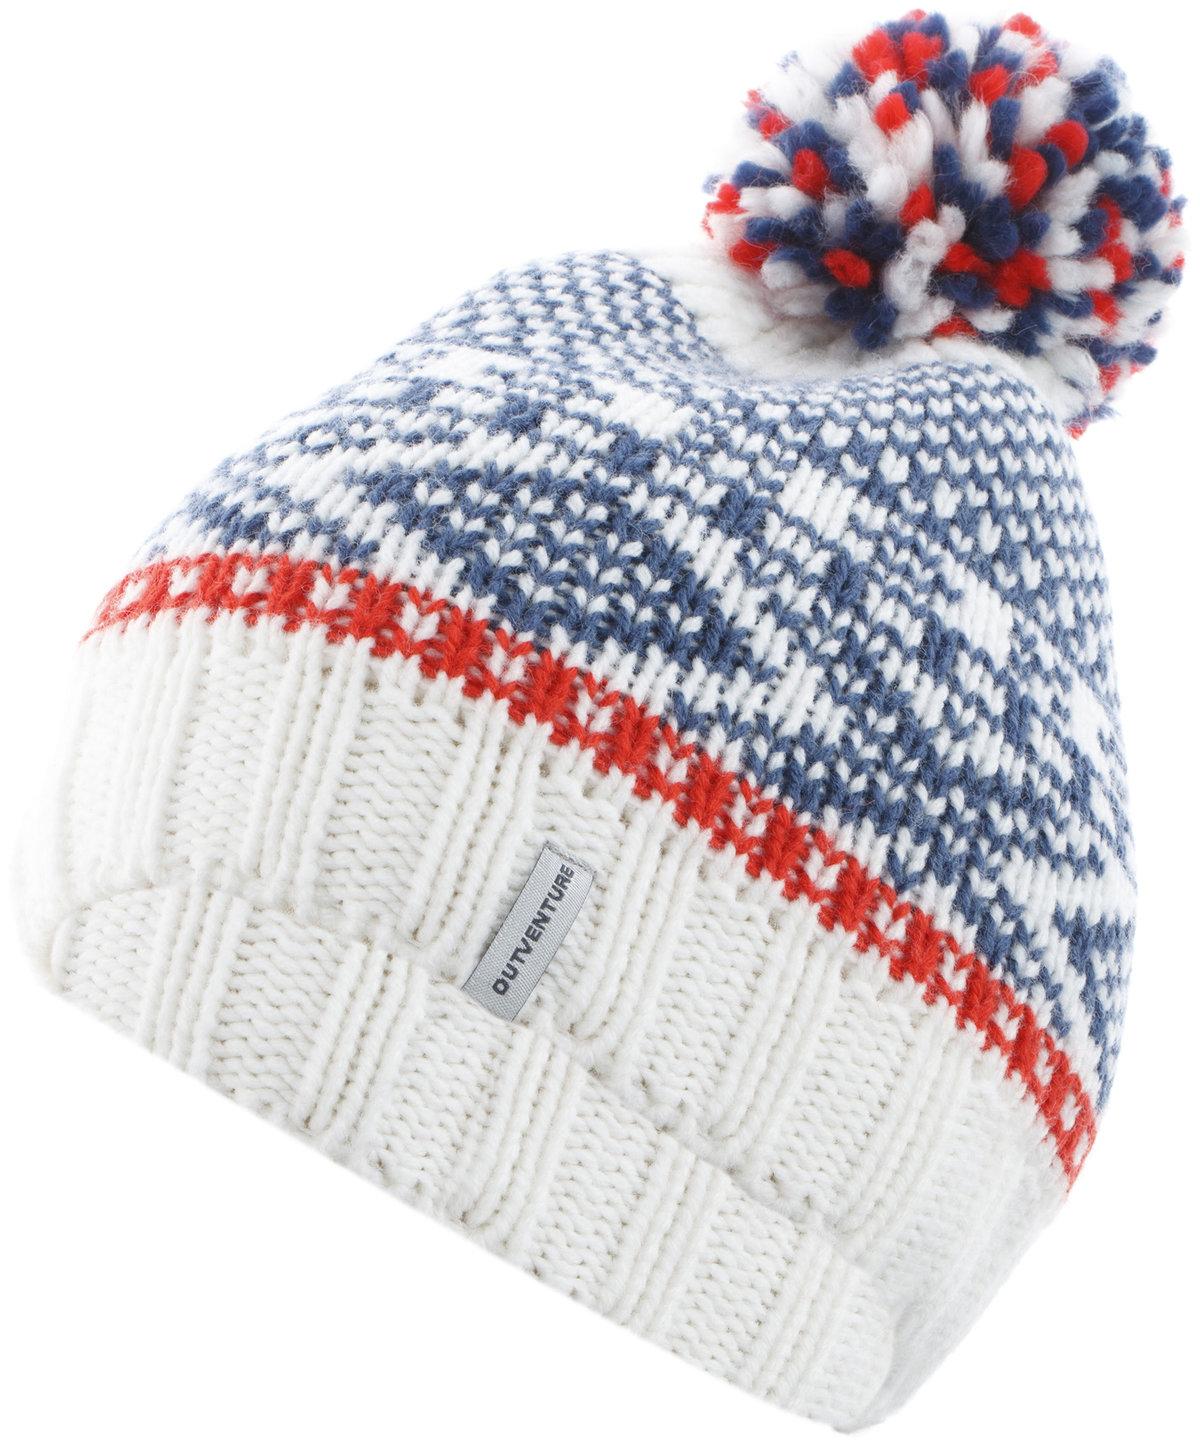 Шапка женская Outventure белый/синий/красный цвет - купить за 399 руб. в интернет-магазине Спортмастер